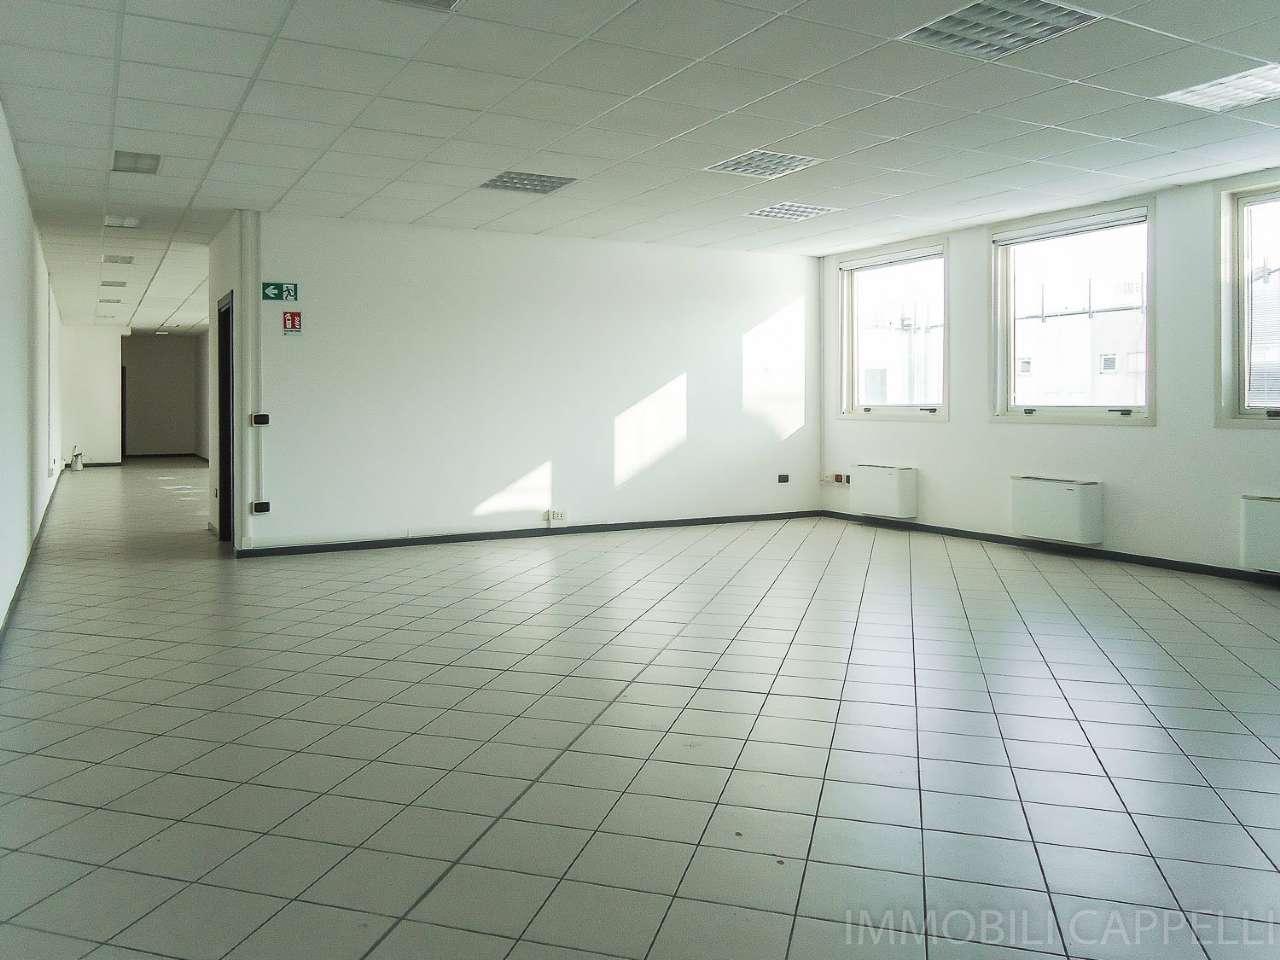 Ufficio / Studio in affitto a Cesena, 9999 locali, prezzo € 1.450 | CambioCasa.it